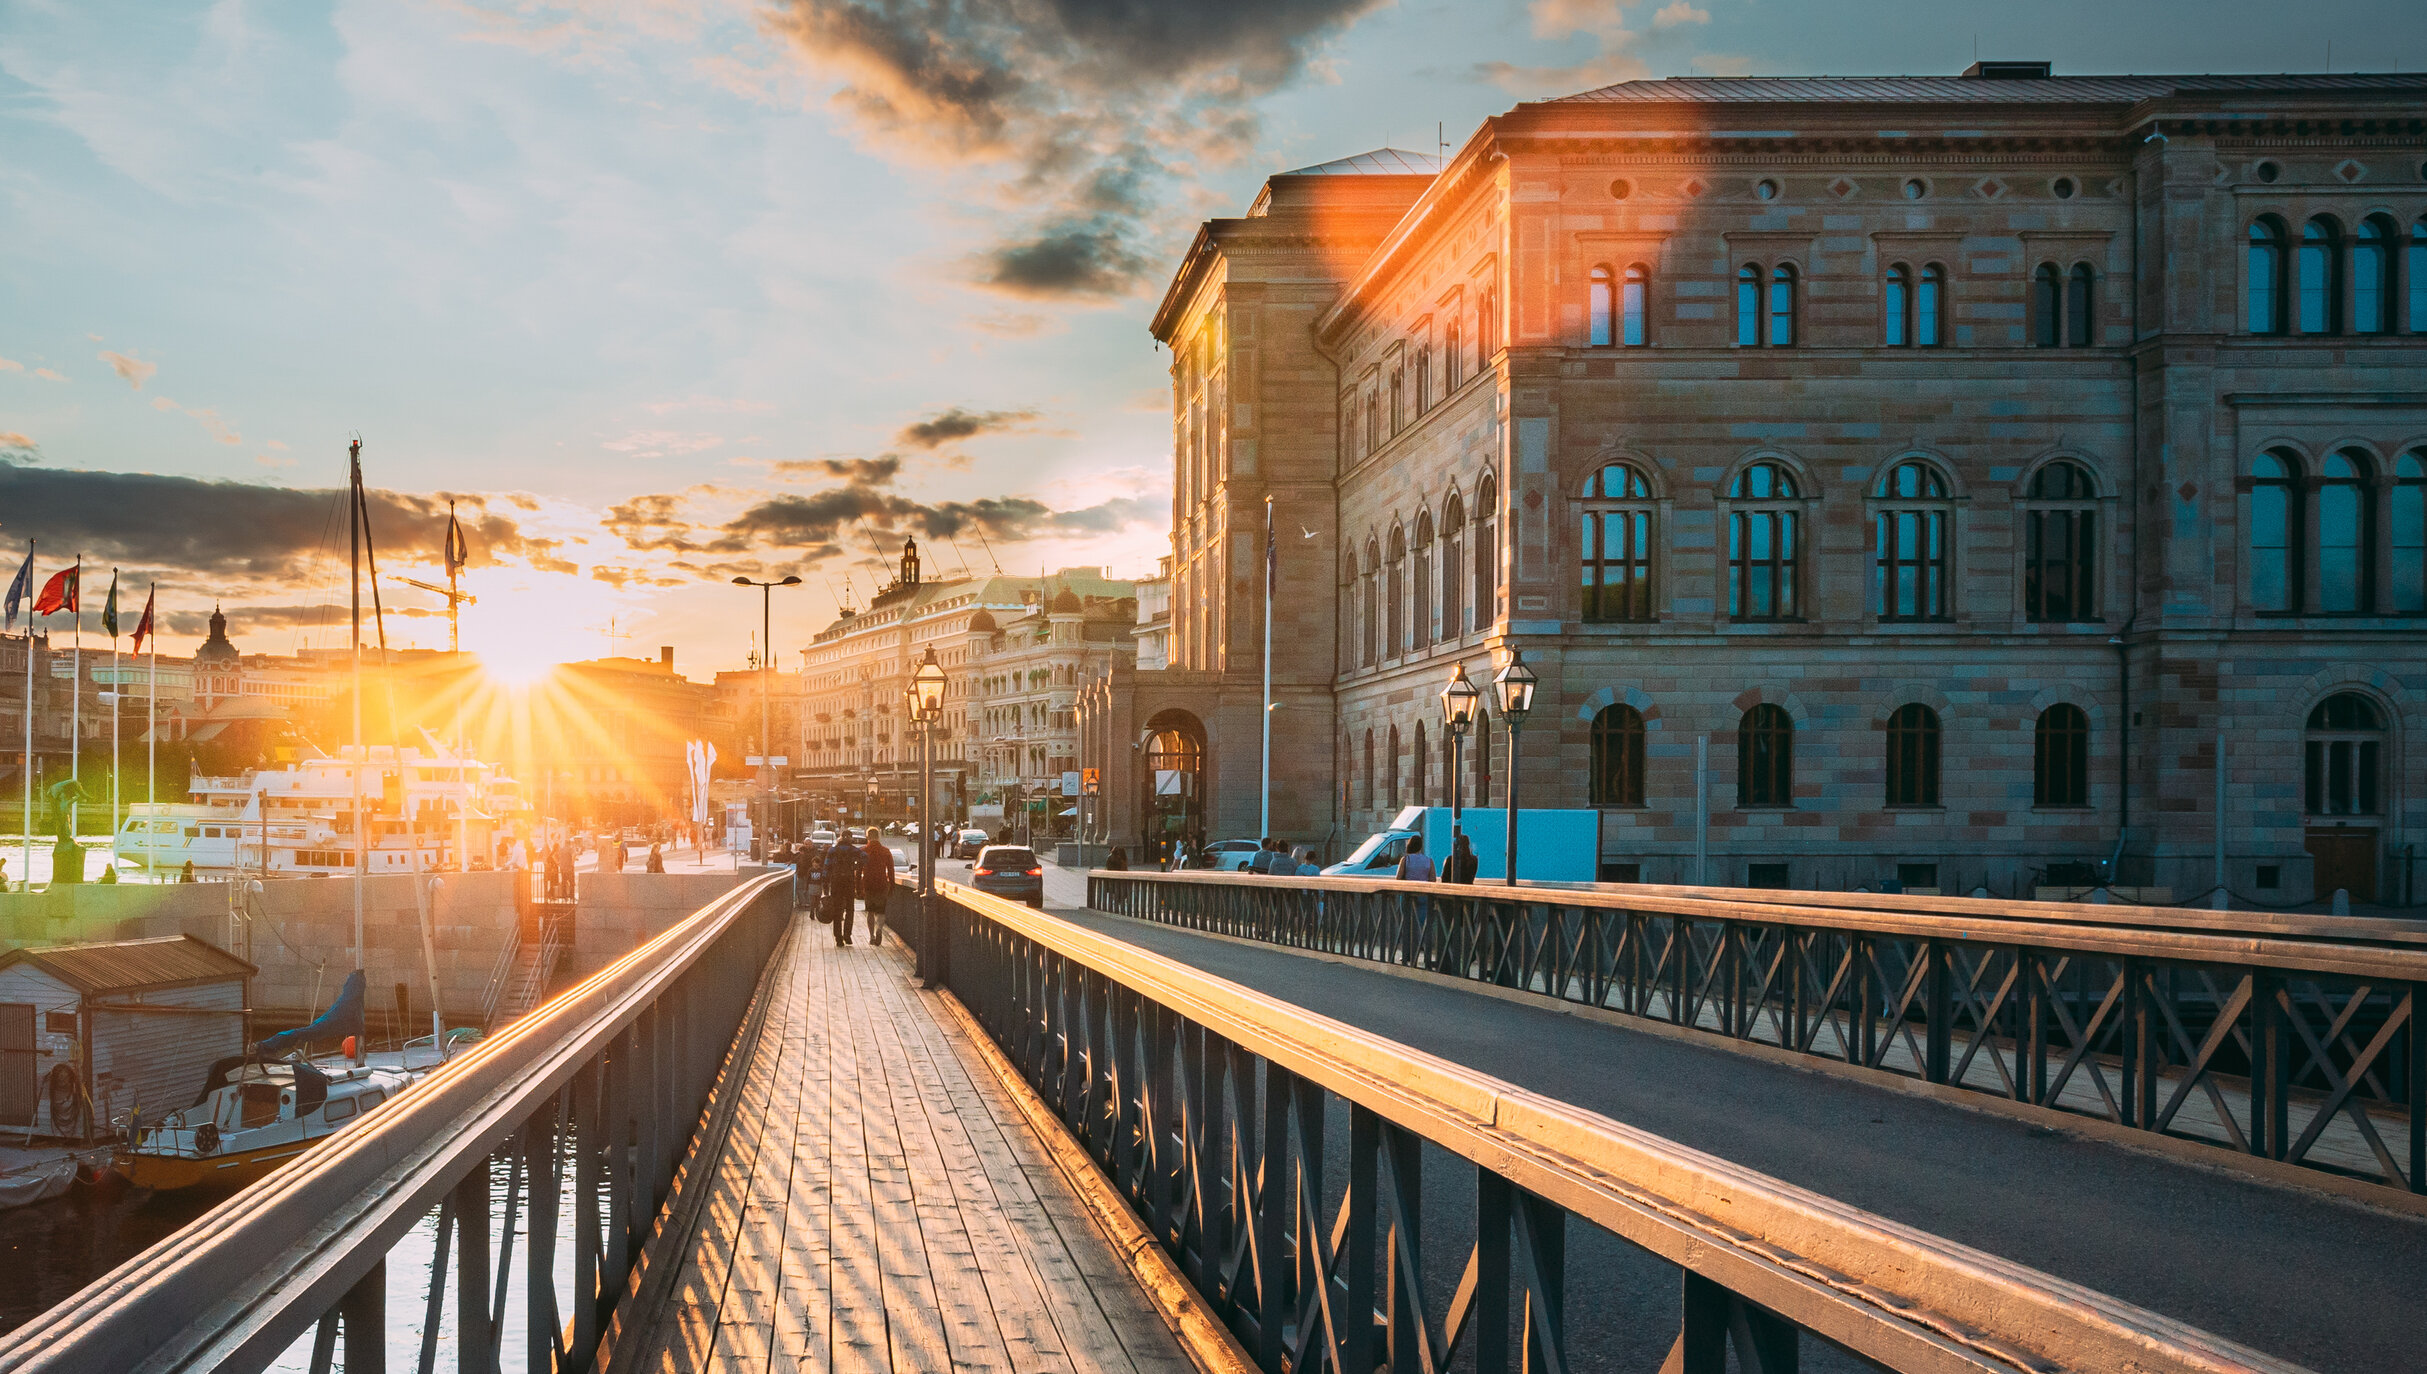 Suedia refuză în continuare izolarea, nu recomandă măștile și are una dintre cele mai scăzute rate de contaminare